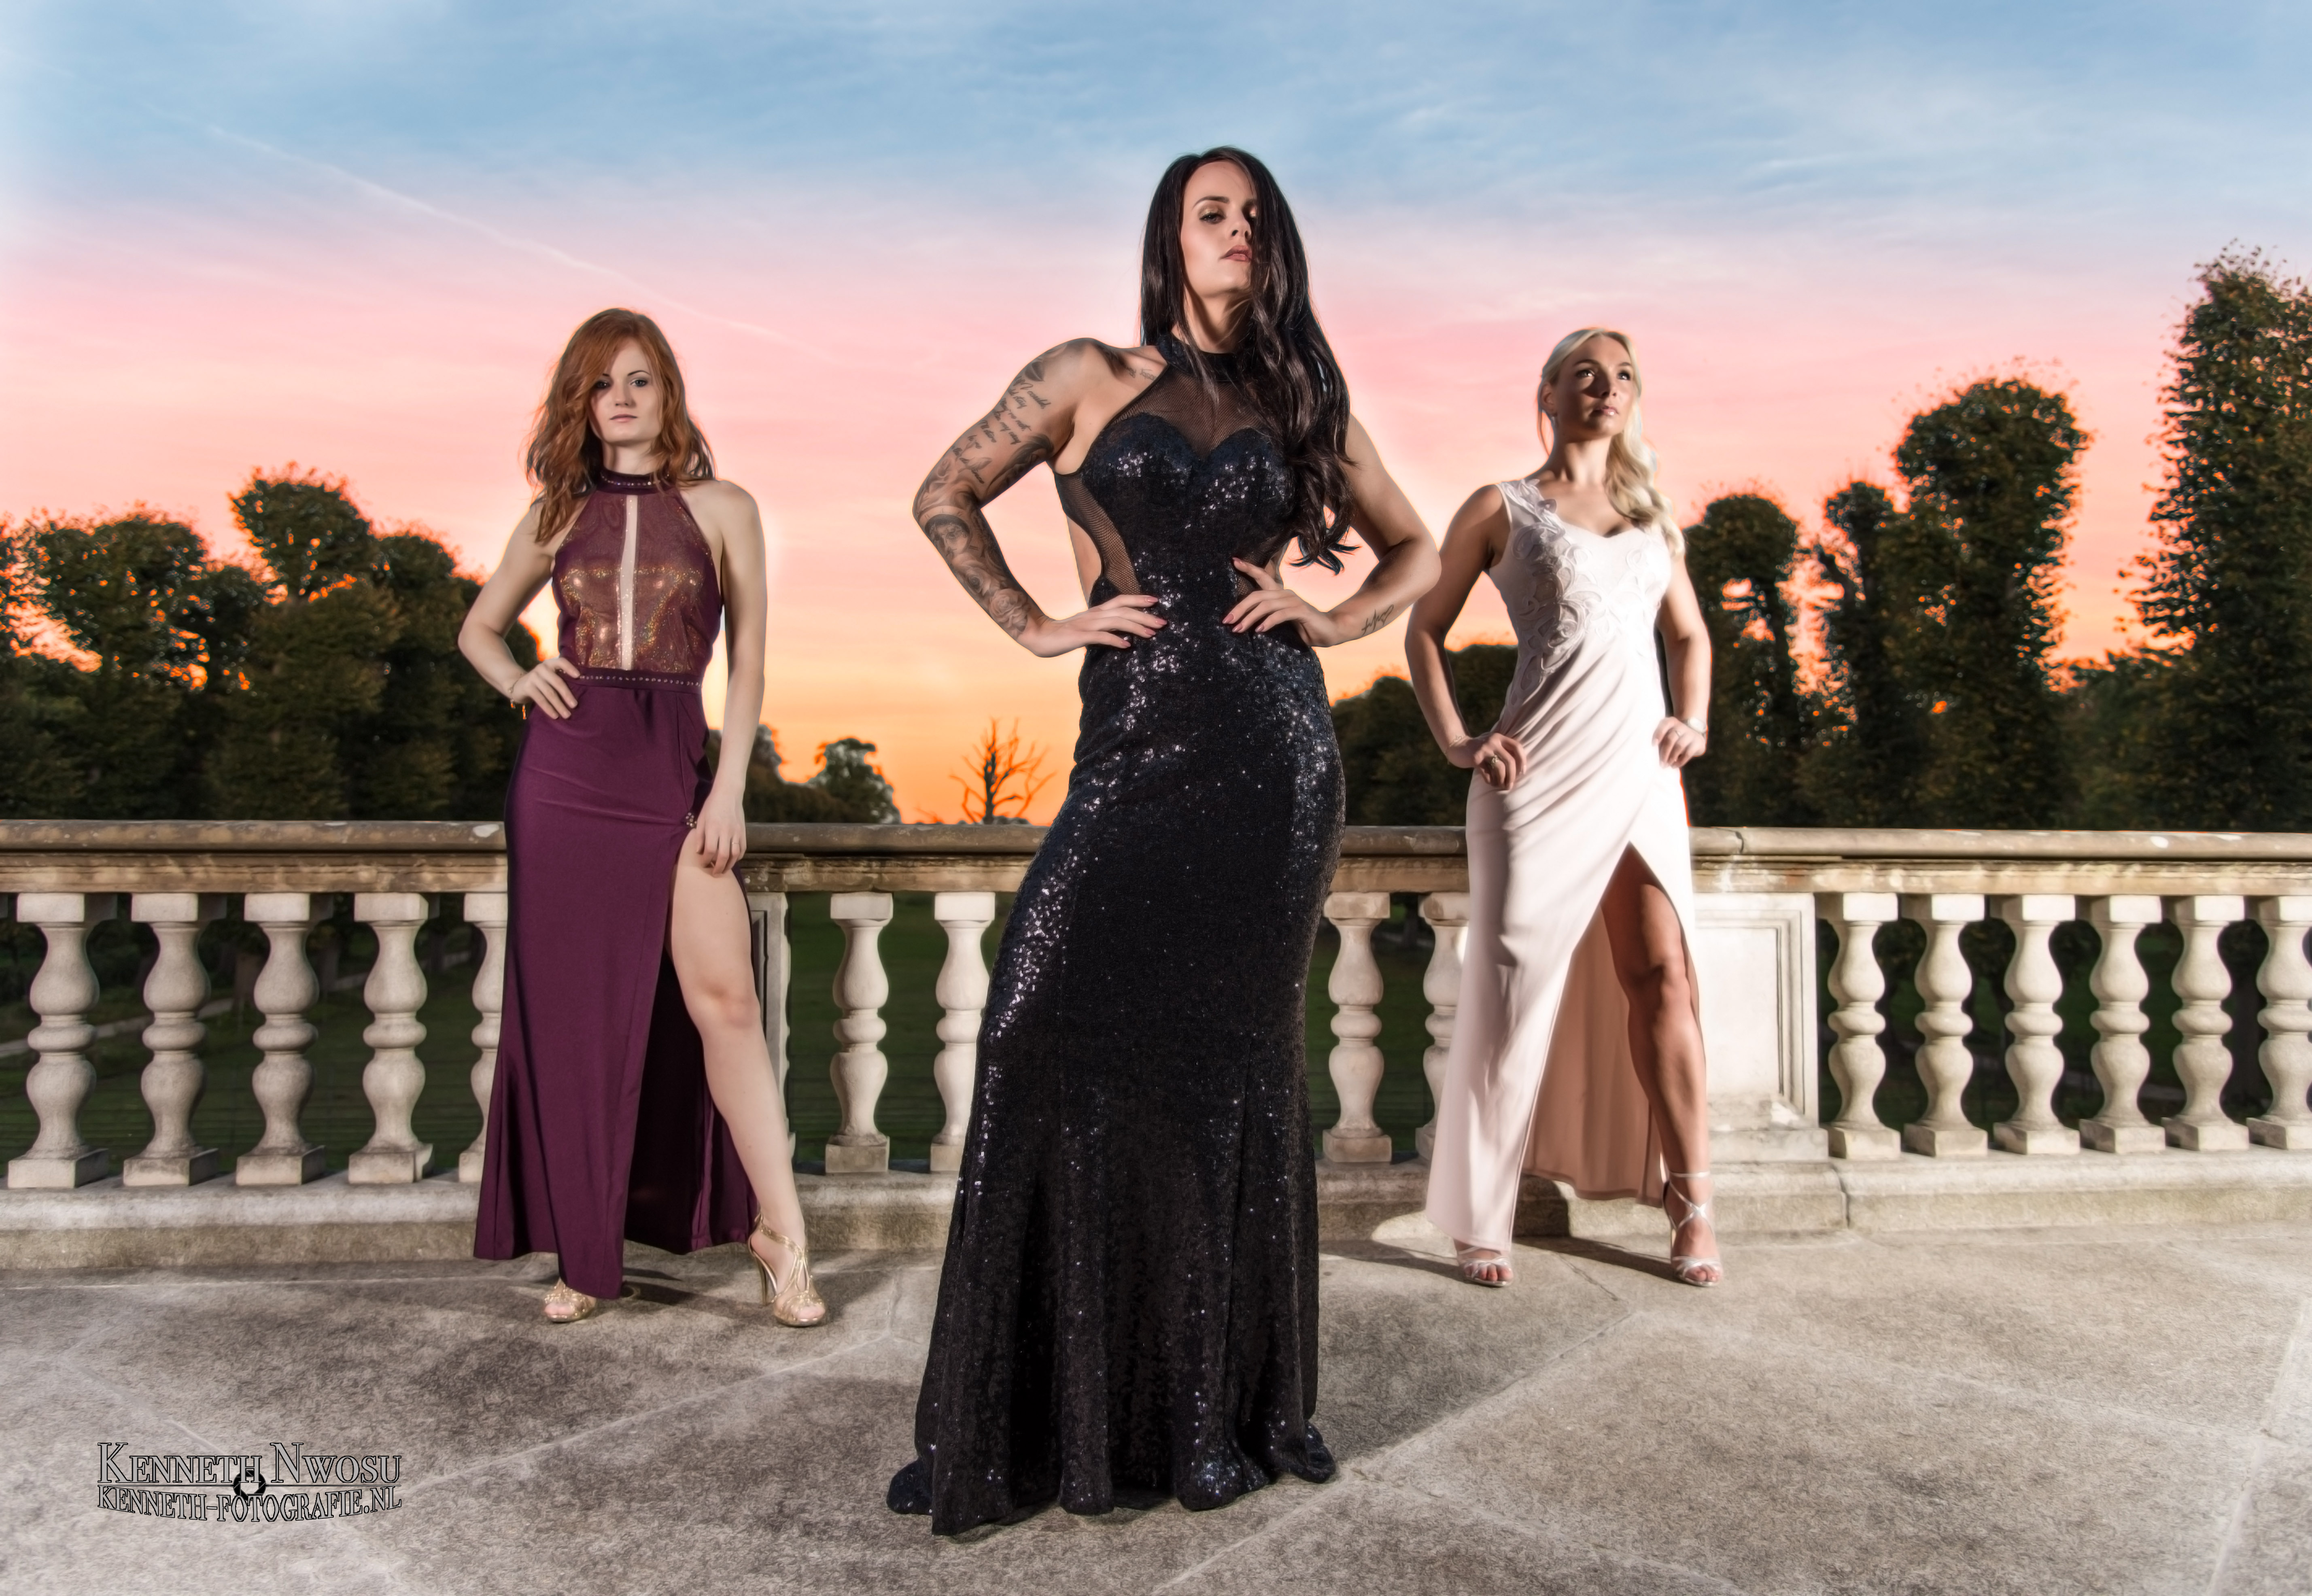 Herfst & fashion fotoshoot met Sylke, Shannen en Melissa